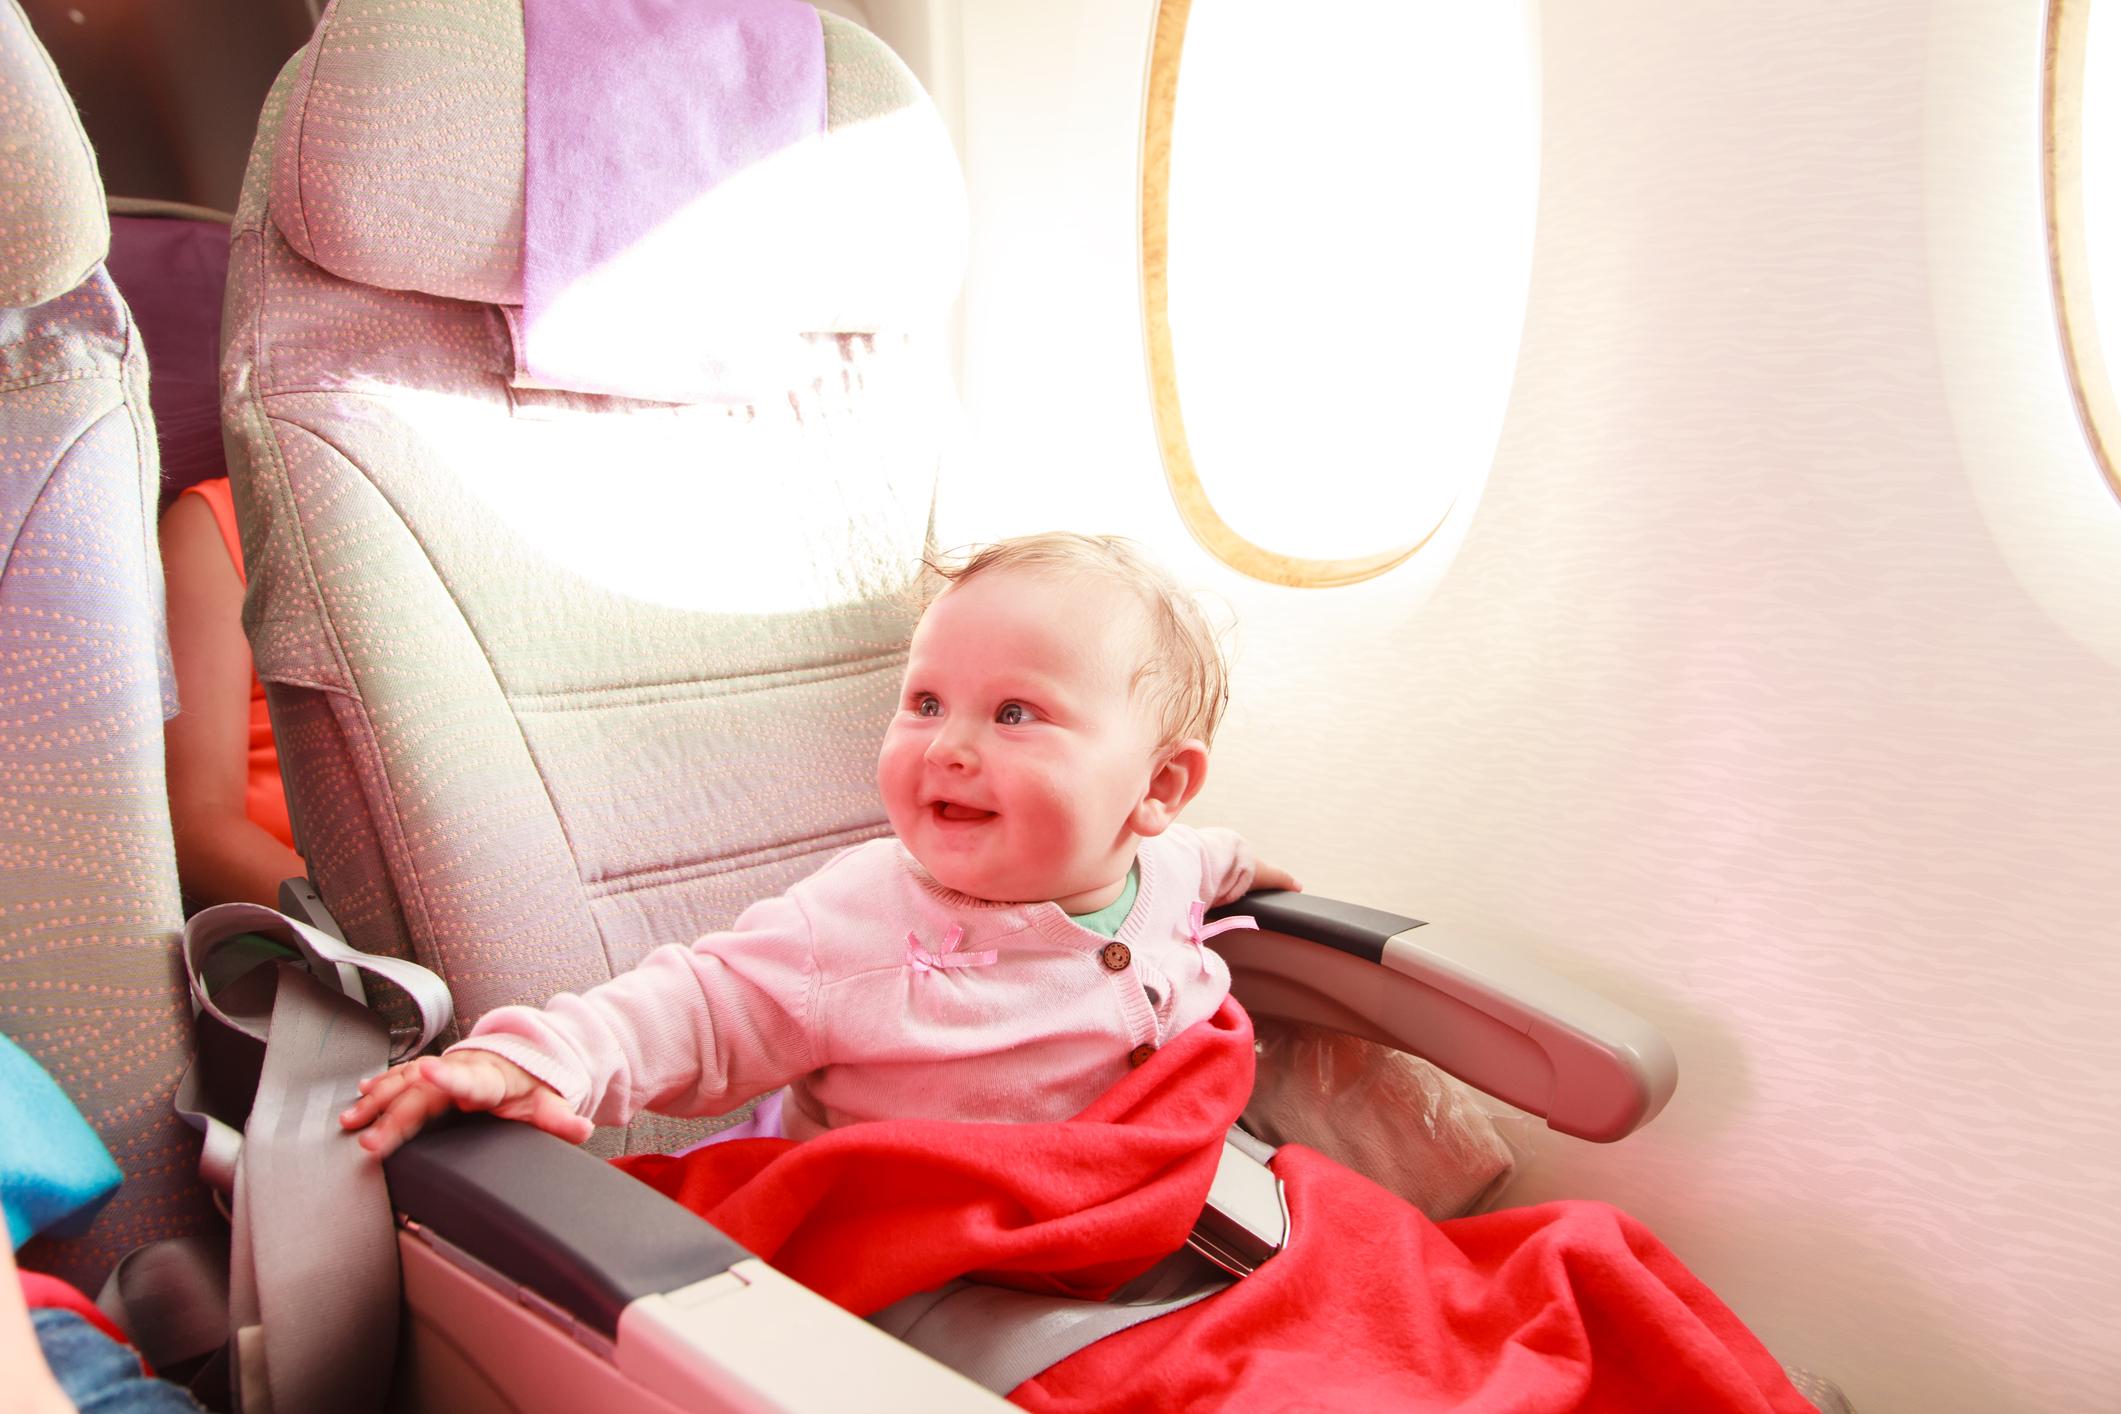 ThinkstockPhotos 515264196 Spremni za putovanje: Kada beba može da se vozi avionom?